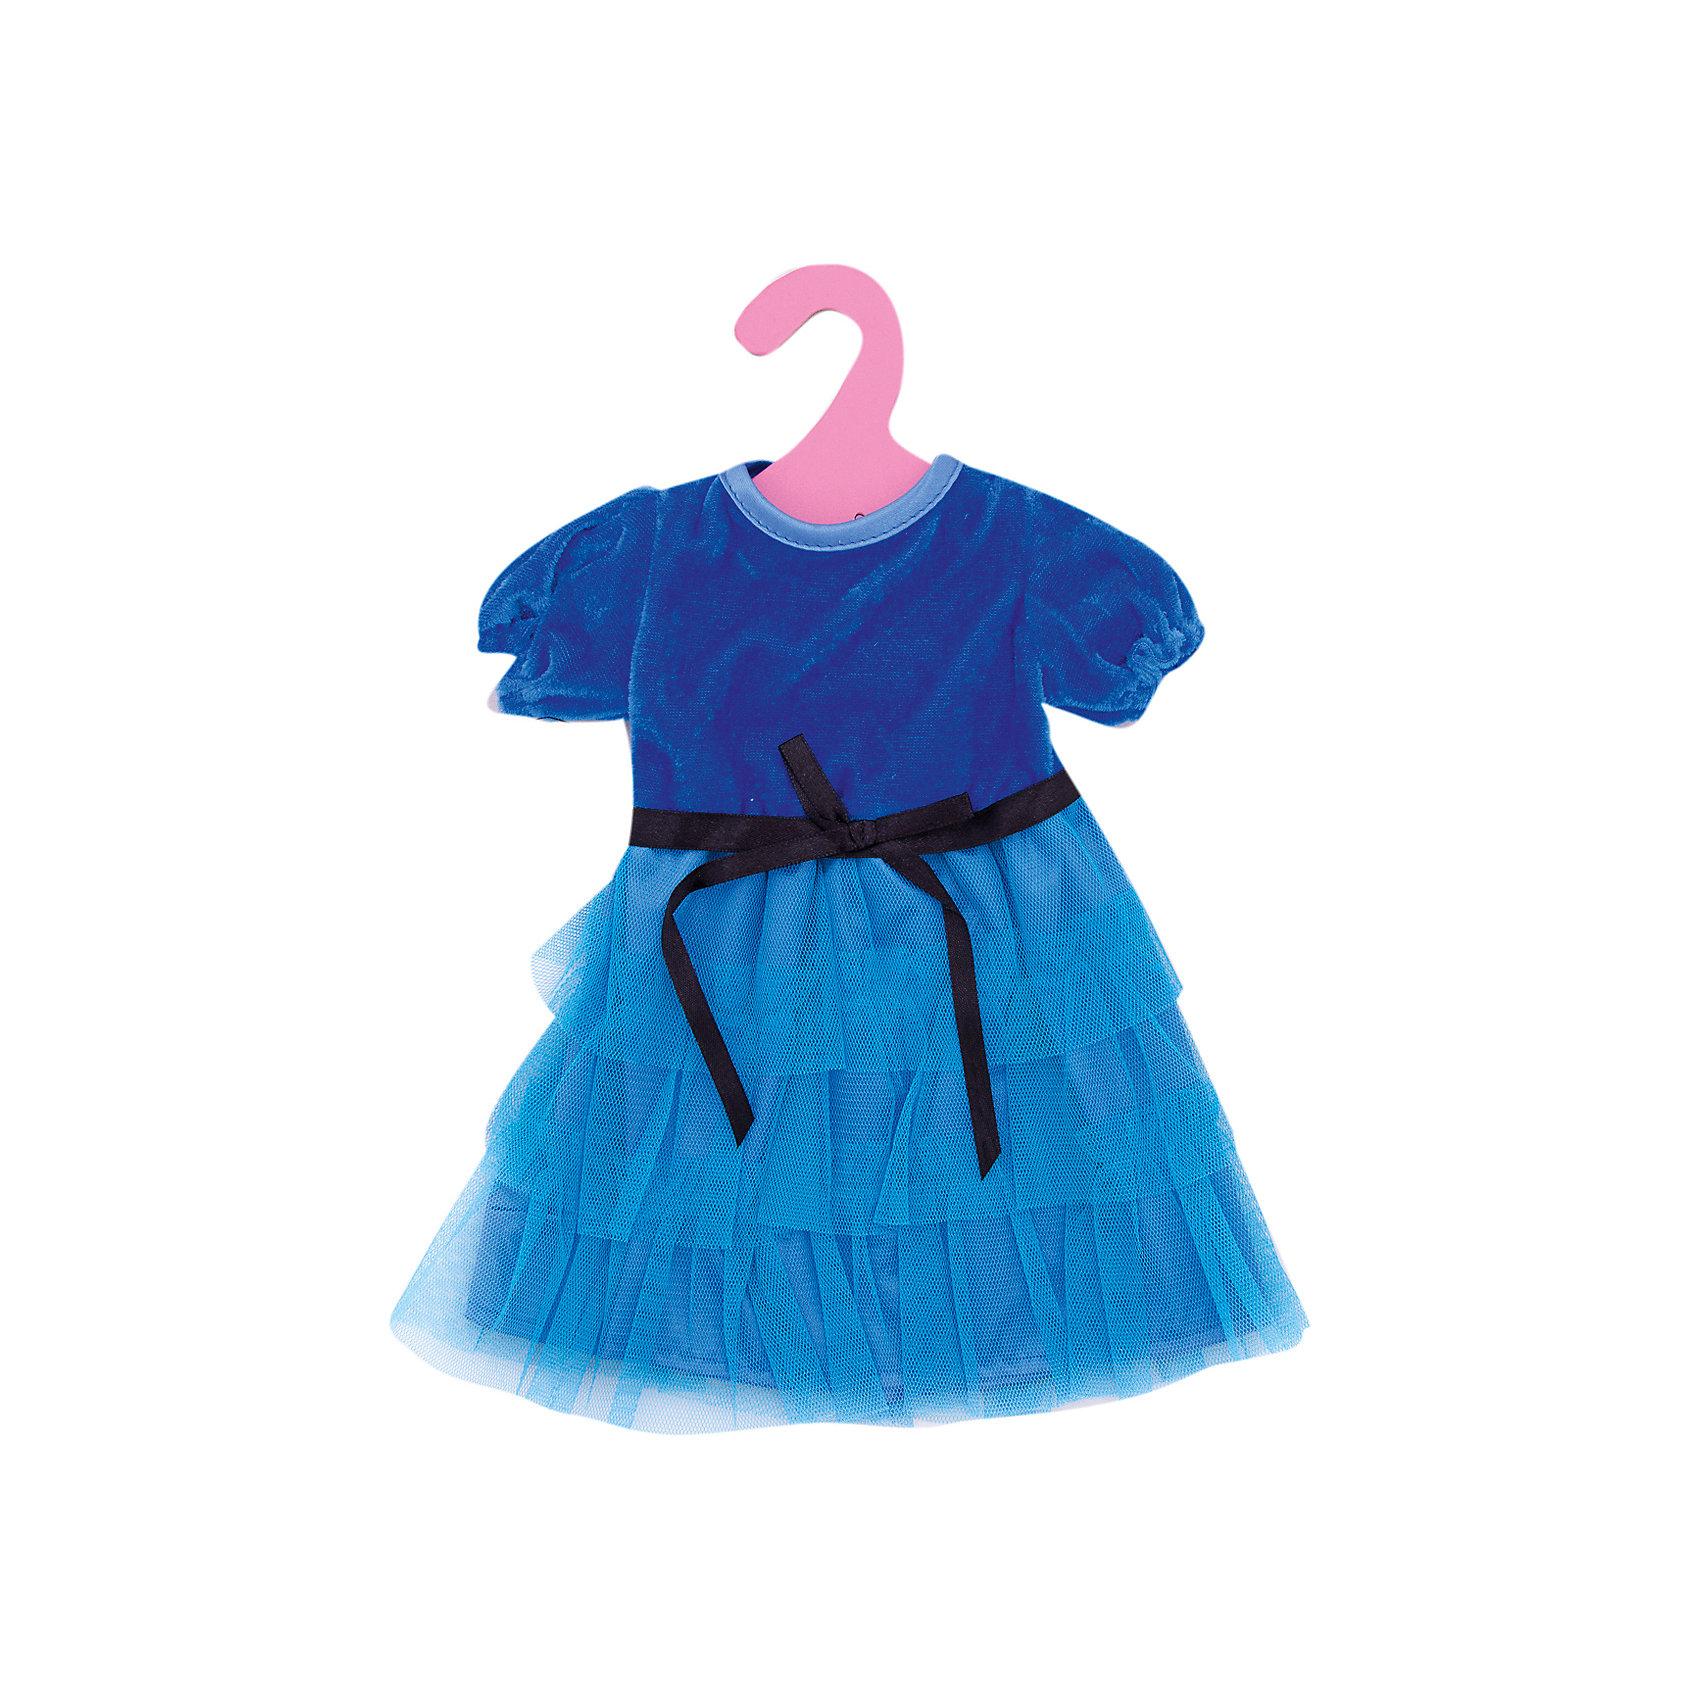 Одежда для кукол: синее платье, JUNFAКукольная одежда и аксессуары<br><br><br>Ширина мм: 255<br>Глубина мм: 360<br>Высота мм: 10<br>Вес г: 73<br>Возраст от месяцев: 36<br>Возраст до месяцев: 1188<br>Пол: Женский<br>Возраст: Детский<br>SKU: 5173036